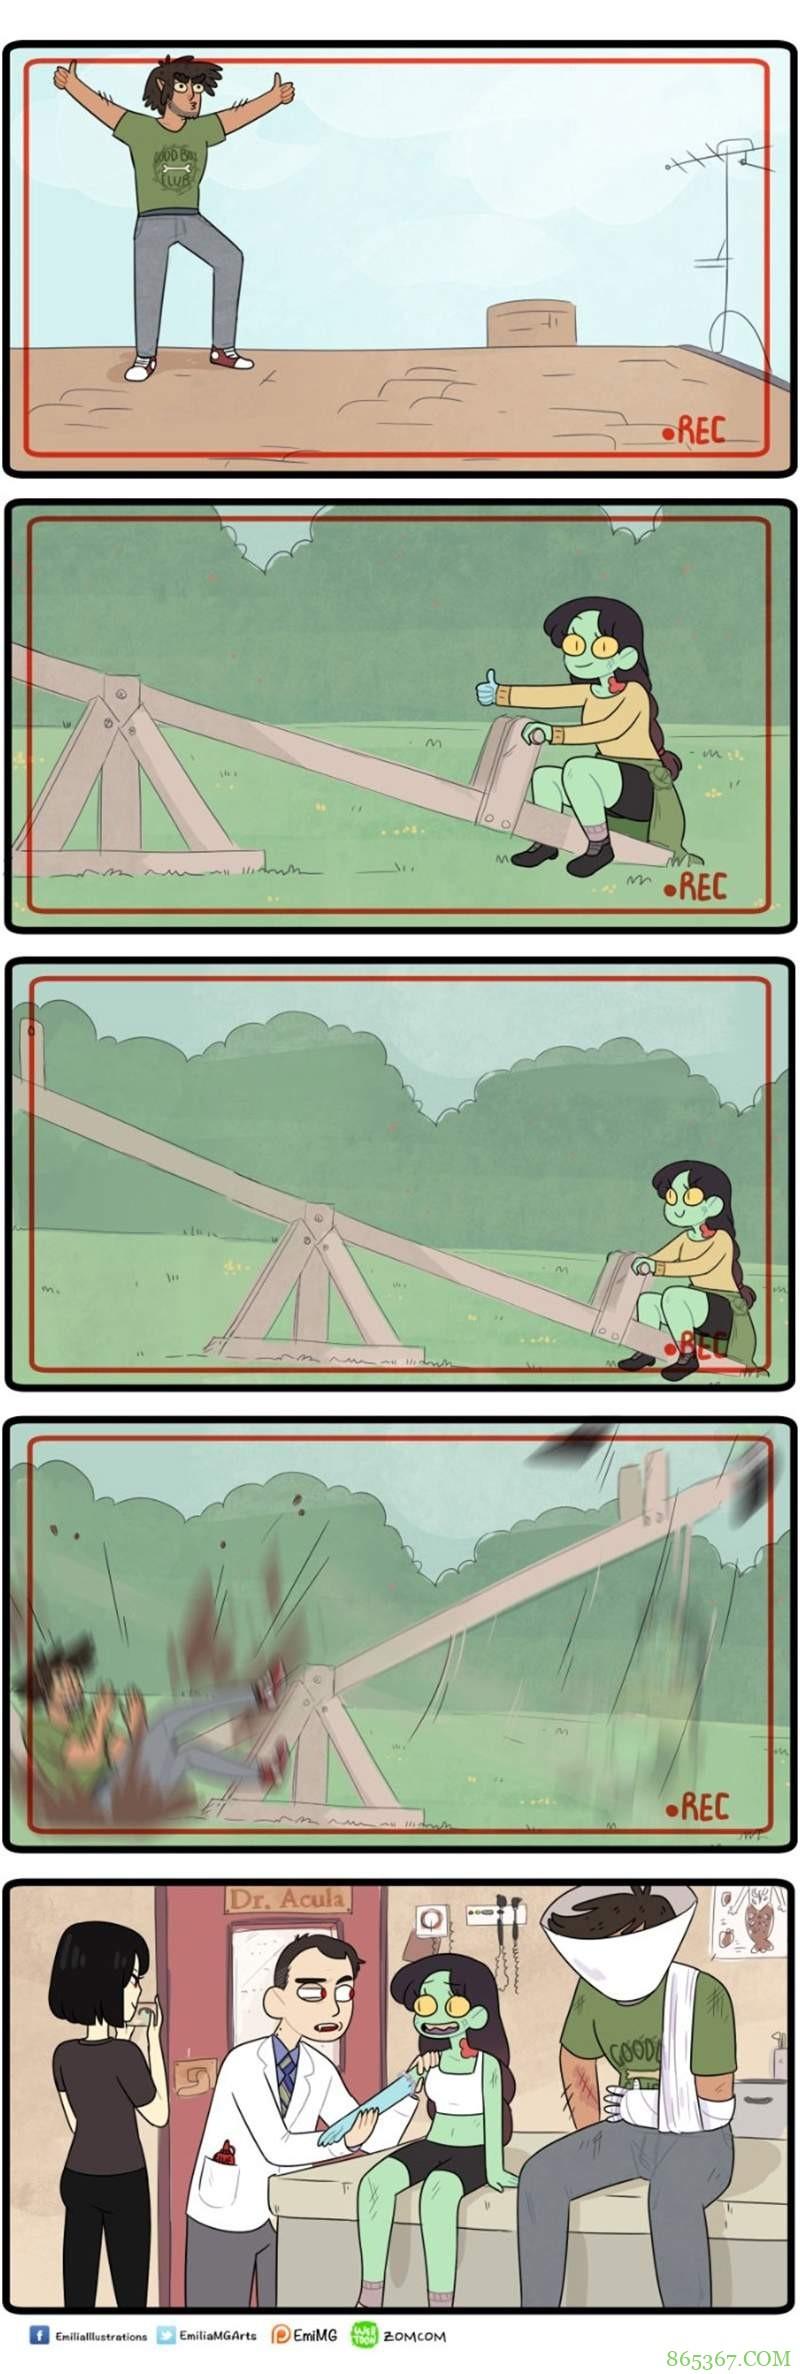 网络漫画《Zomcom》 僵尸和狼人会怎么样